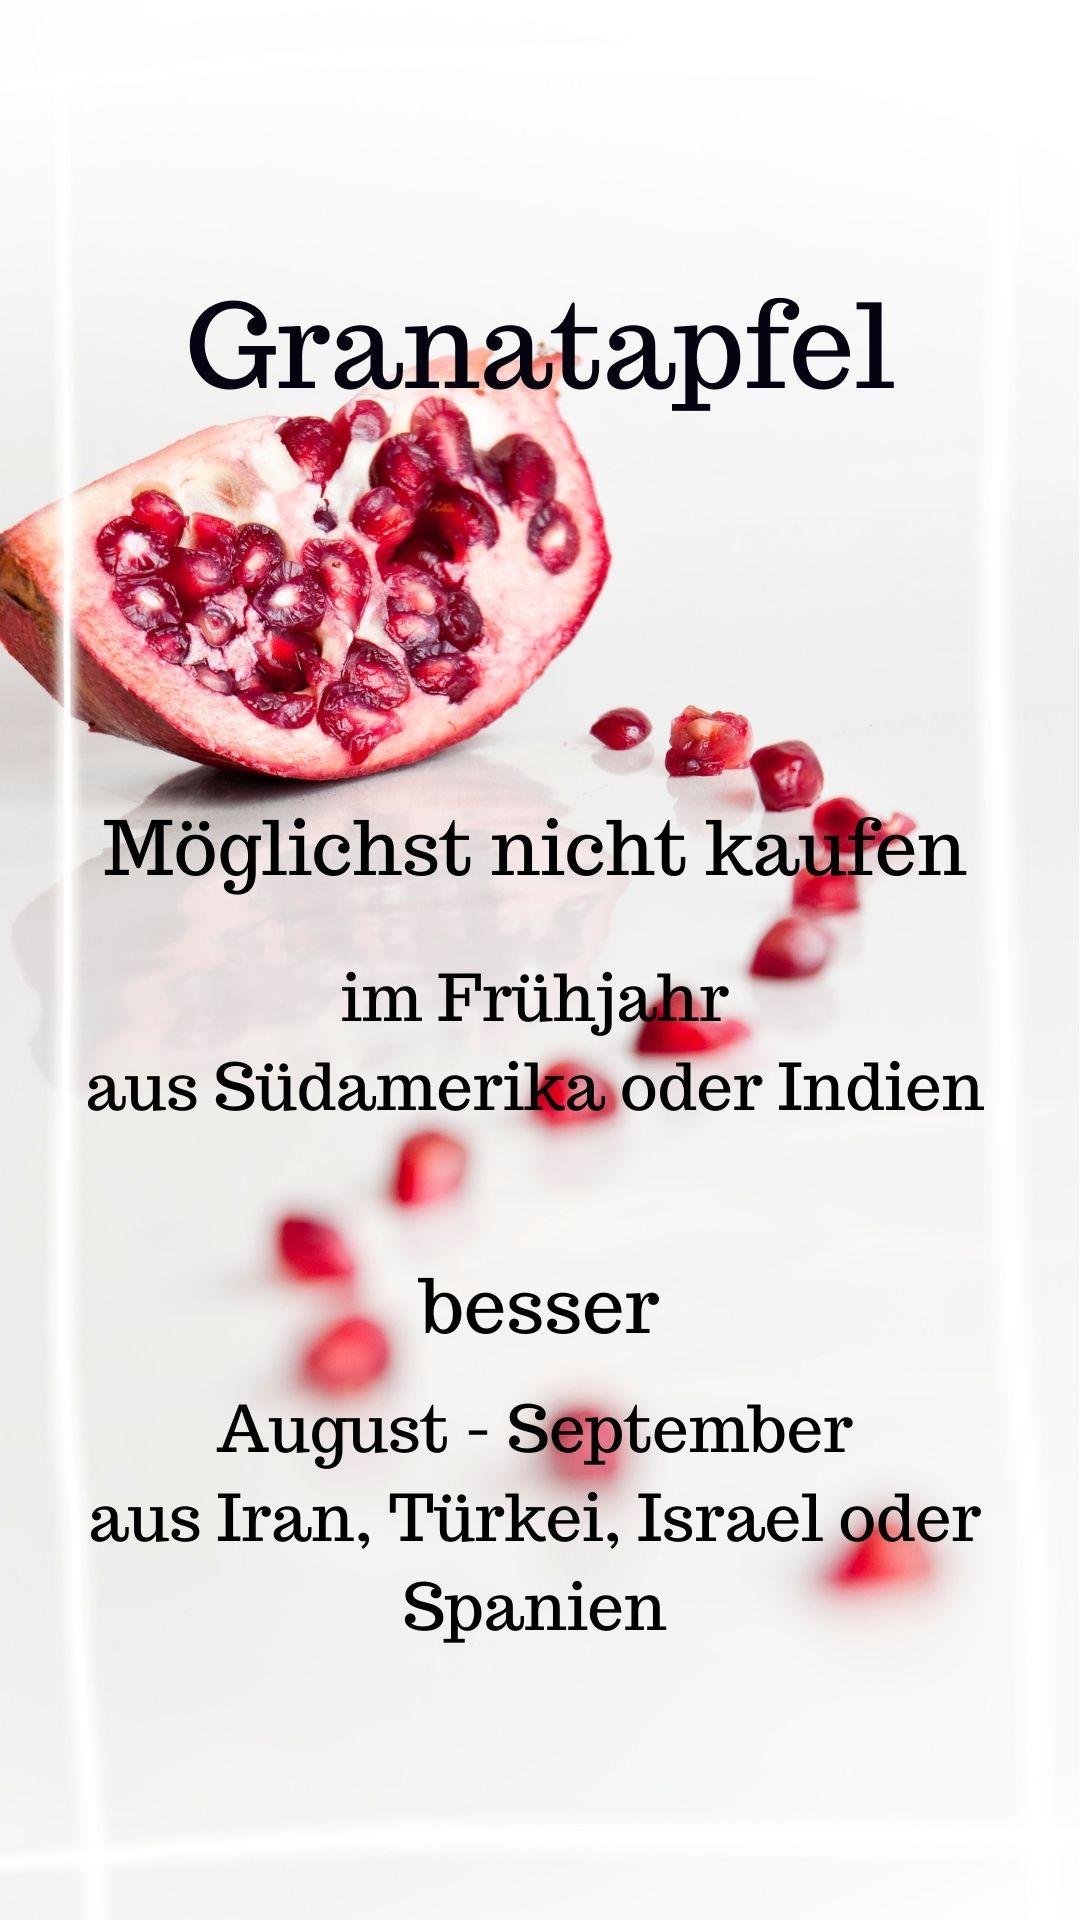 Saison Granatapfel August - November